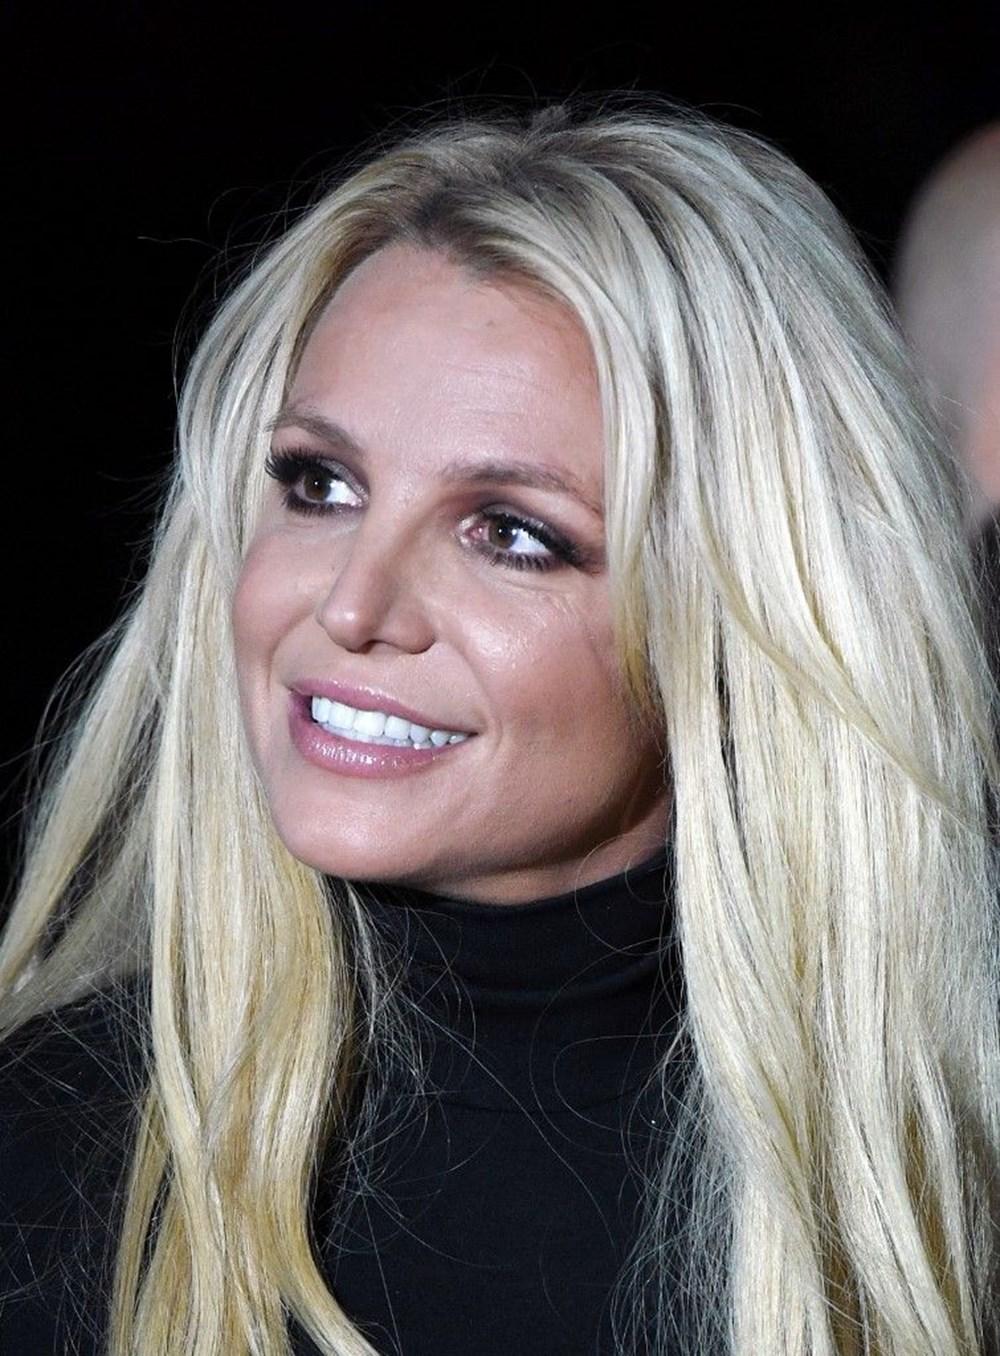 Britney Spears babasına açtığı vasilik davasında konuştu: Bana ilaçlar vererek beni uyuşturuyor - 6